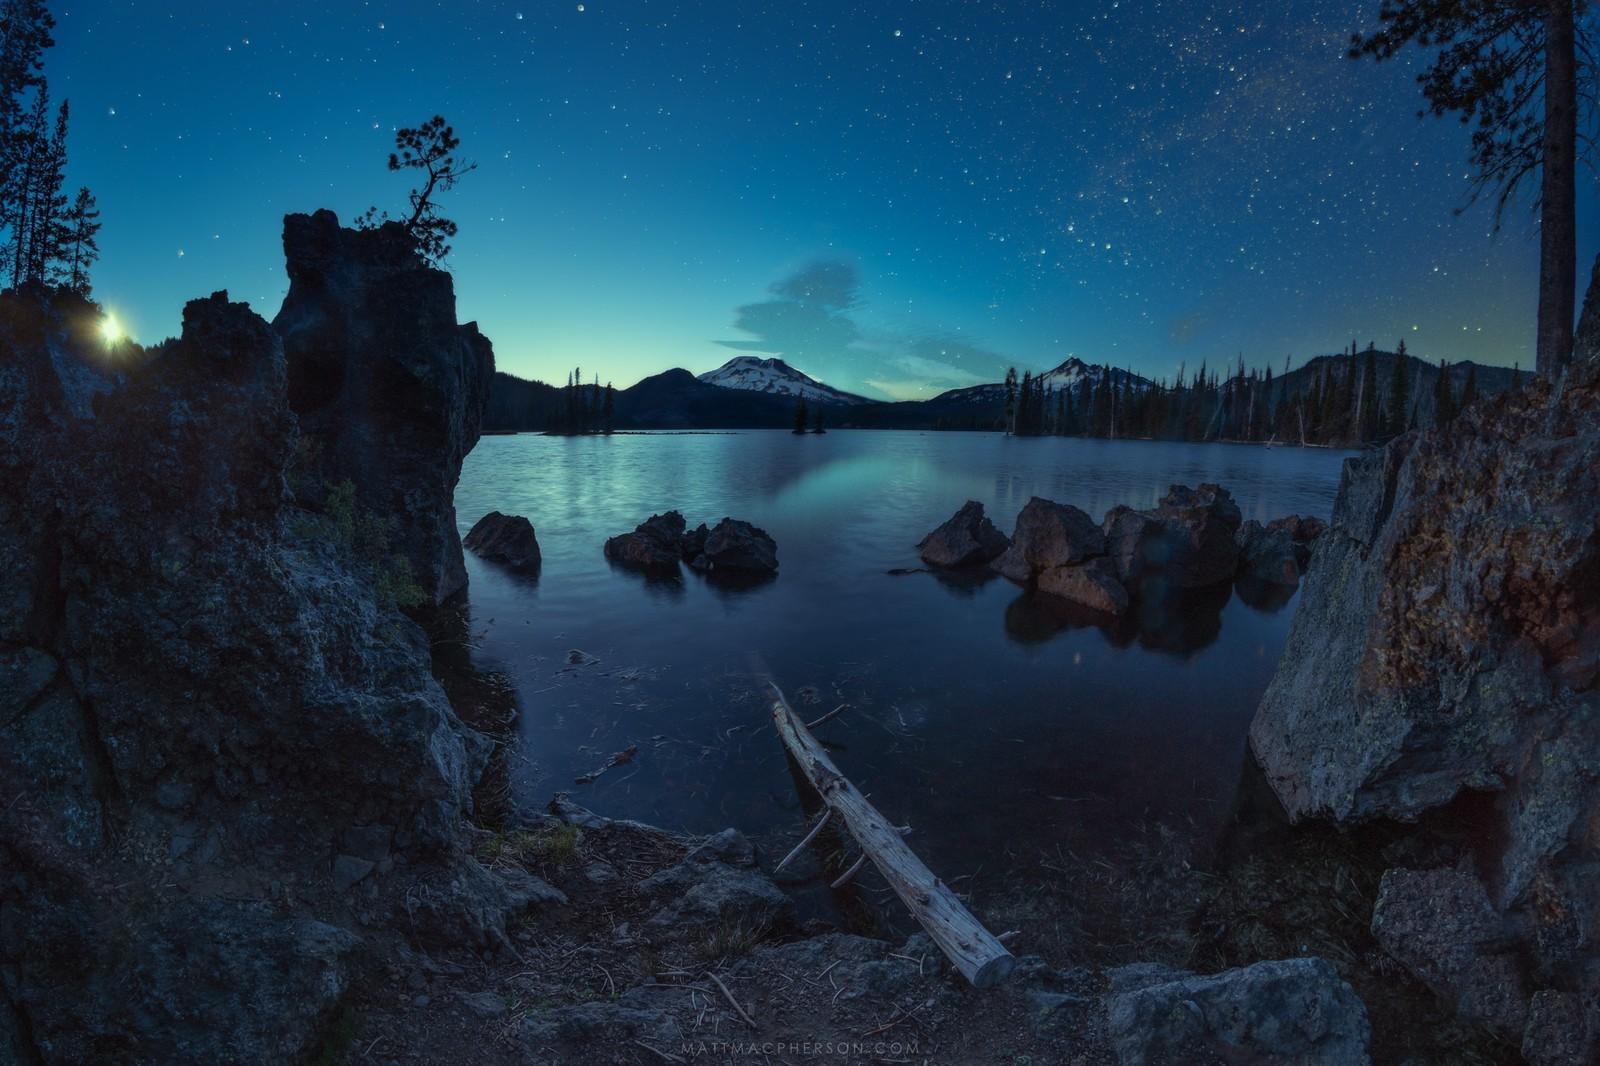 Звёздное небо и космос в картинках - Страница 40 1499430168138932145